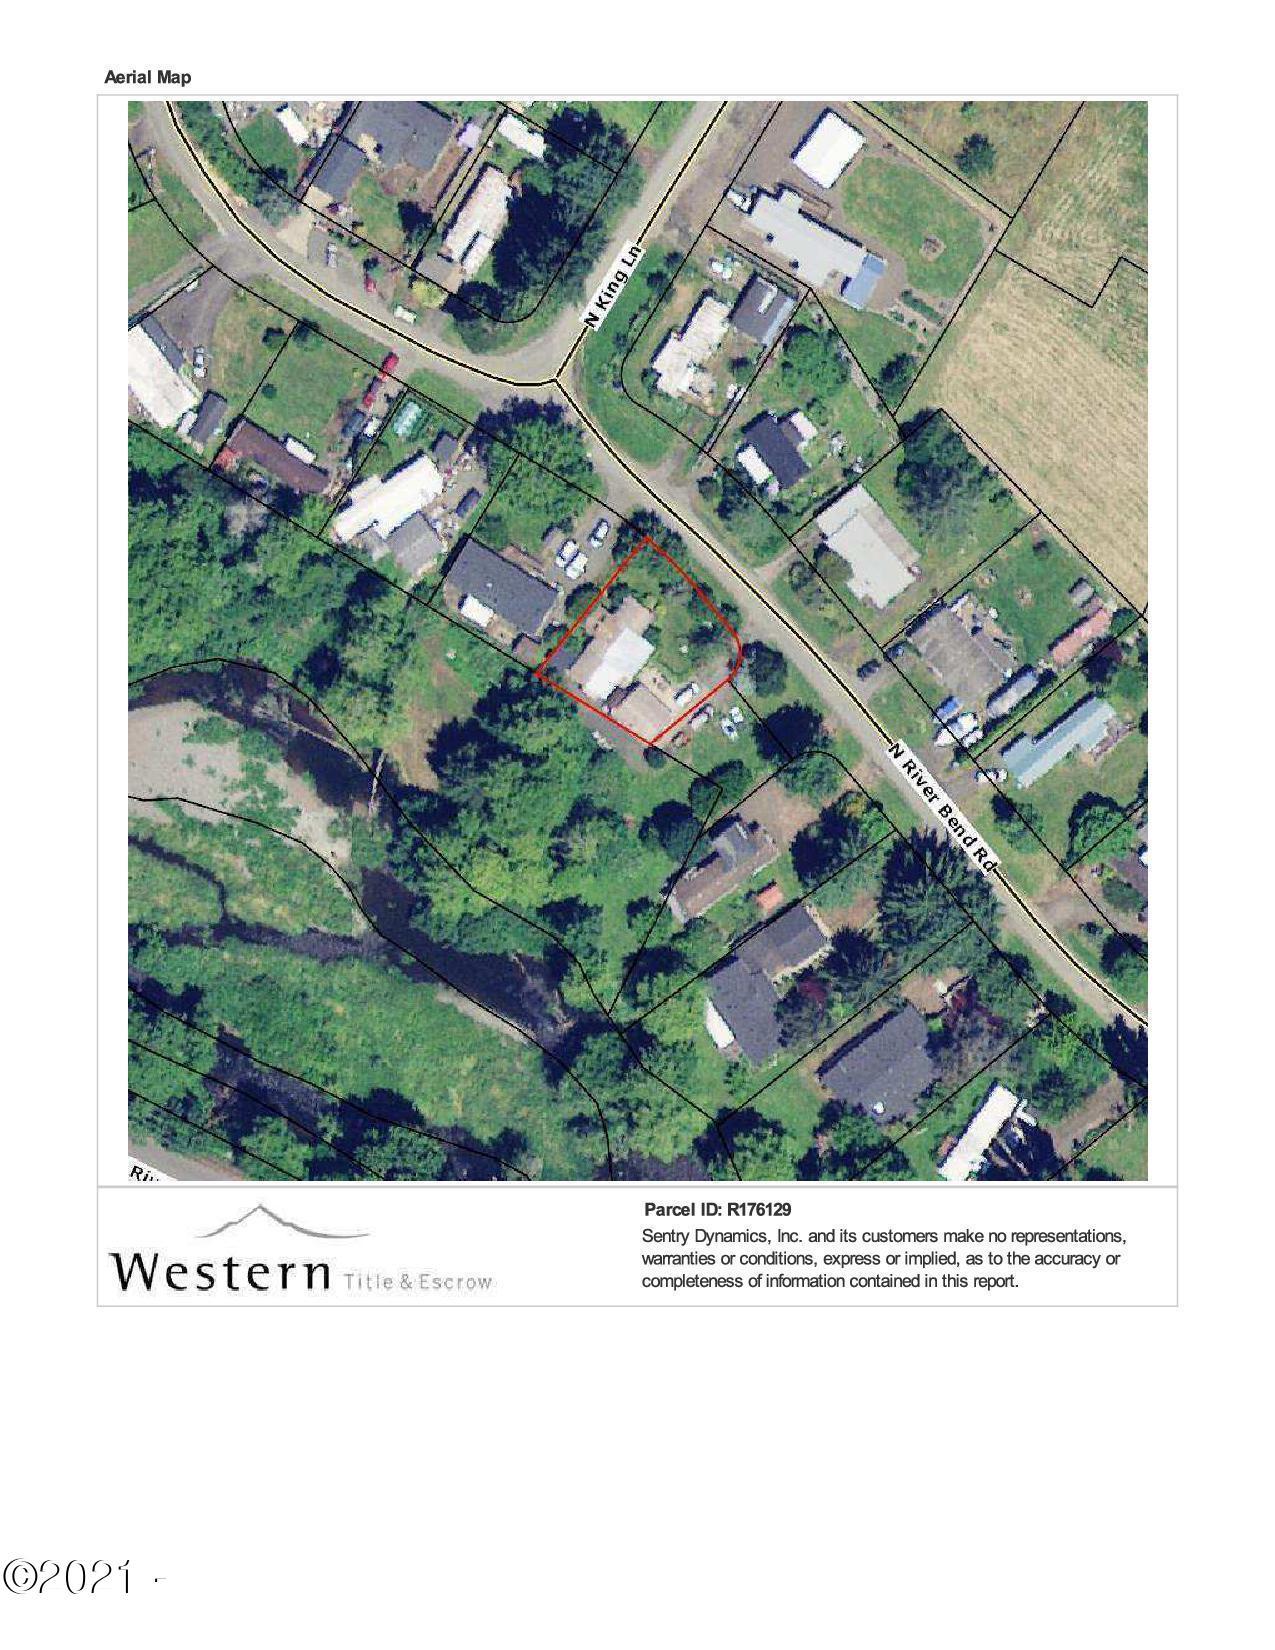 790 N River Bend Rd, Otis, OR 97368 - Plat